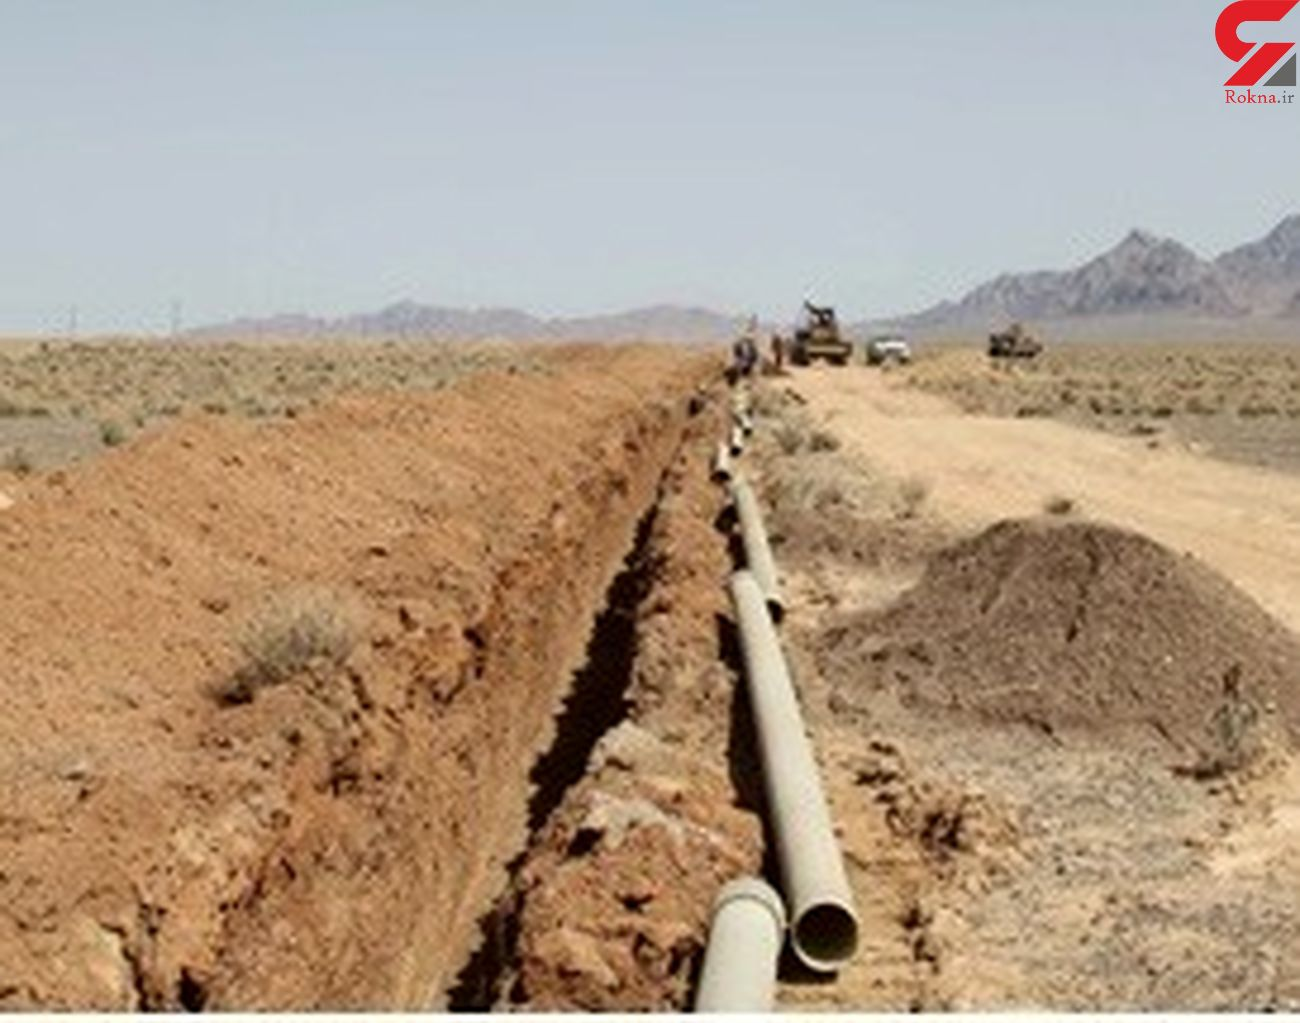 توسعه بیش از 14 هزار متر شبکه آبرسانی در پنج شهرستان استان یزد